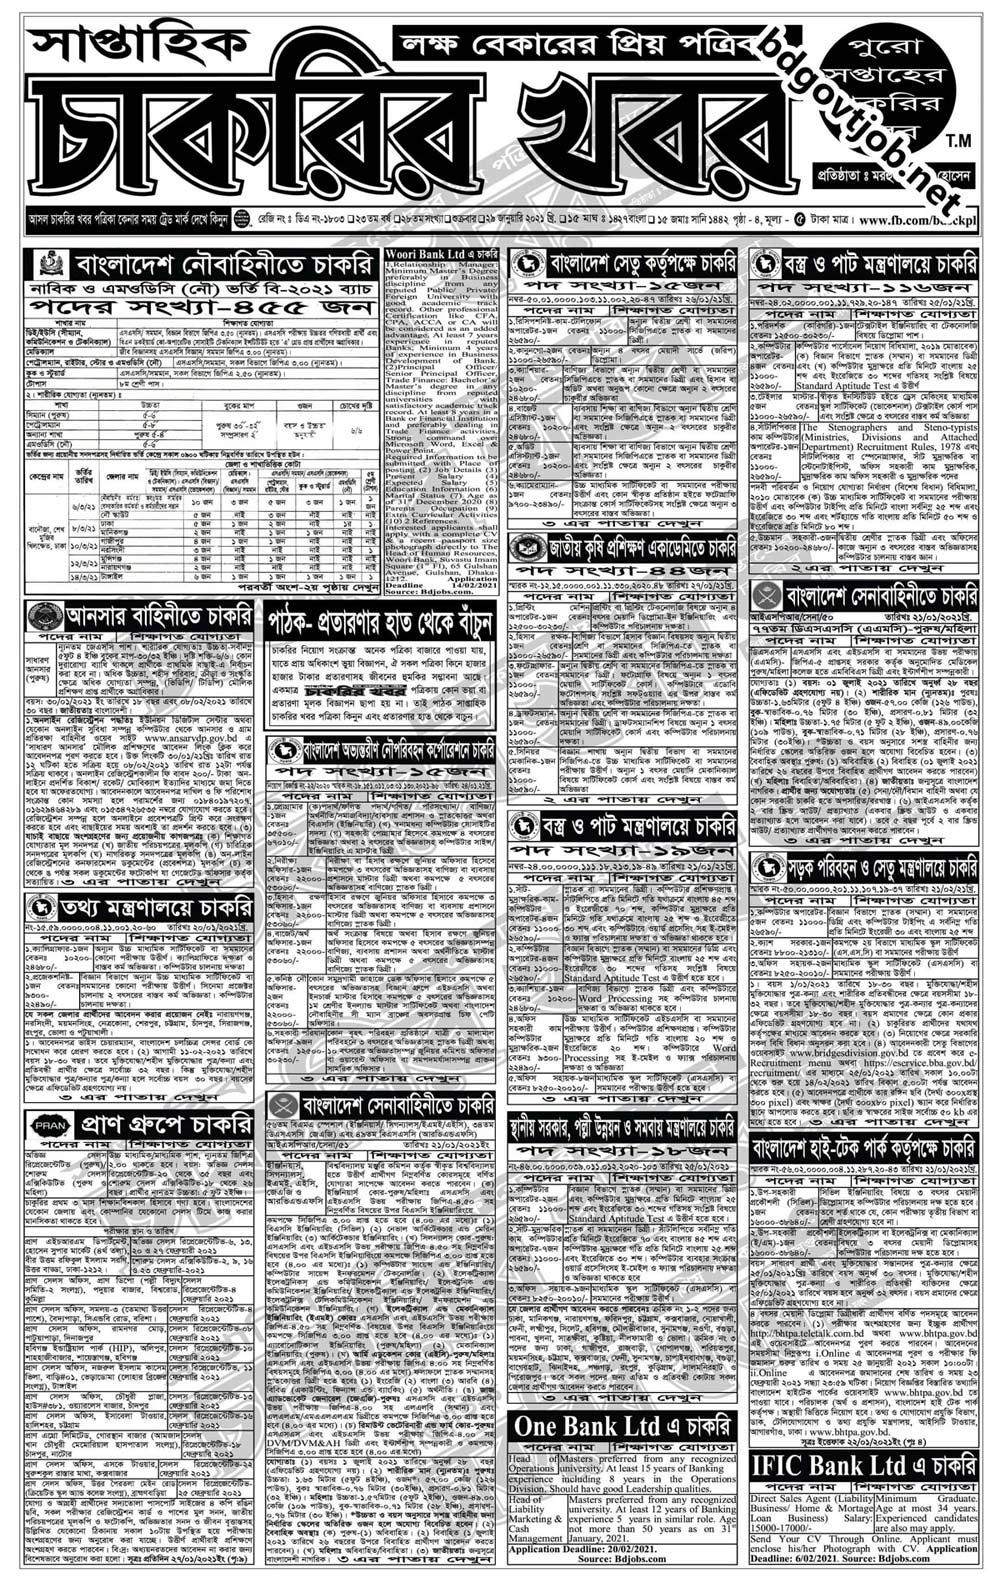 Weekly jobs newspaper